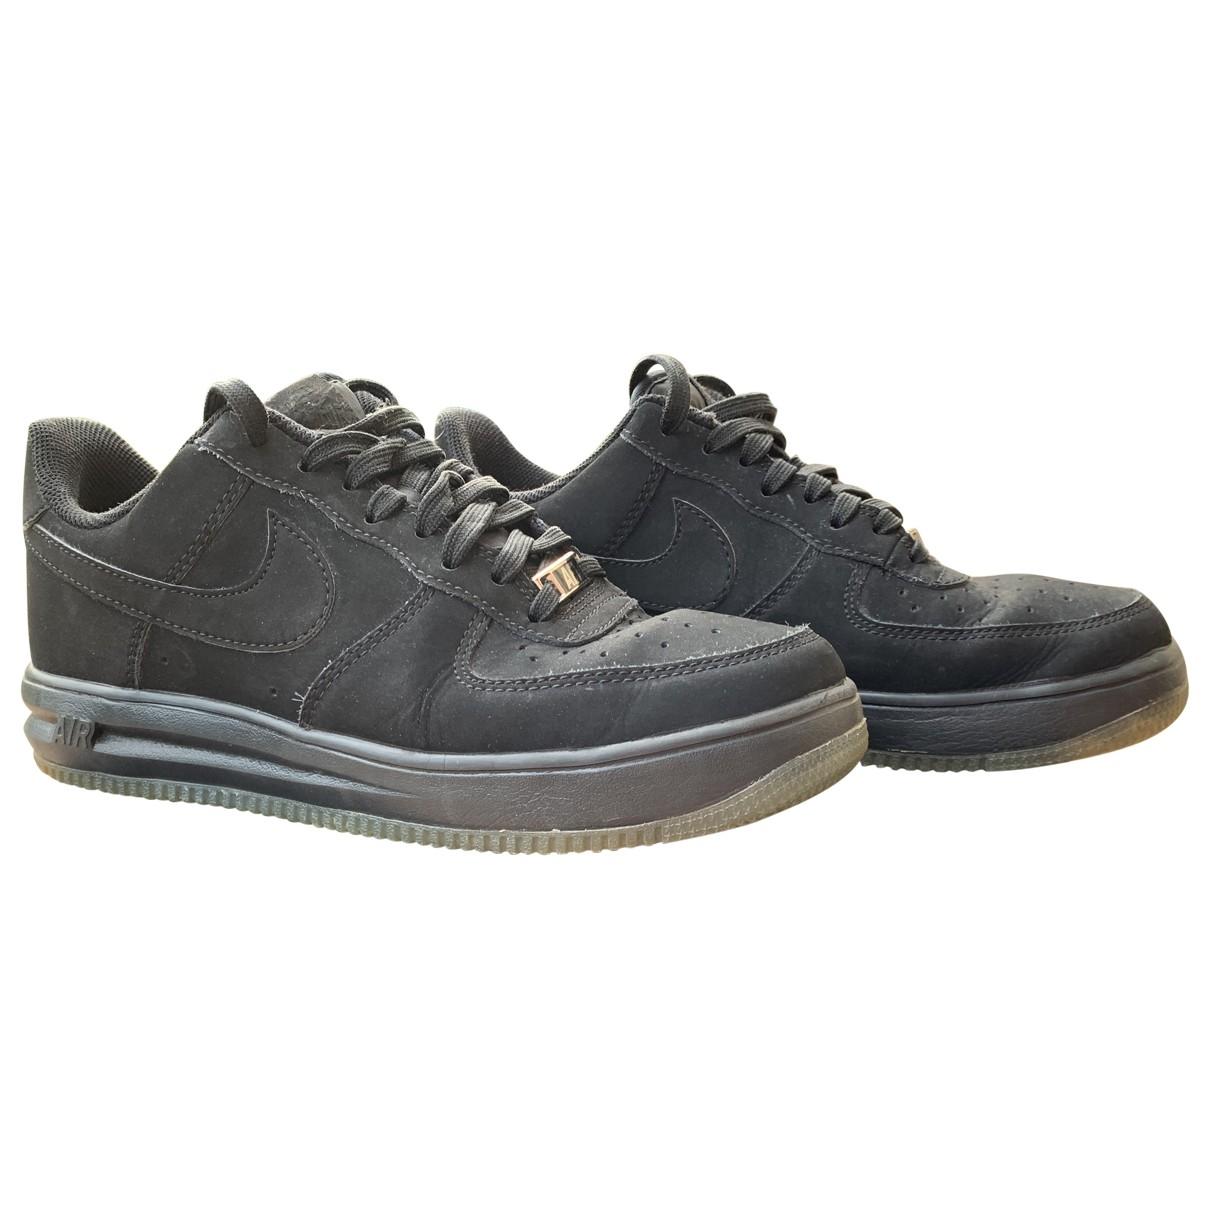 Nike - Baskets Lunar Force 1  pour homme en suede - noir